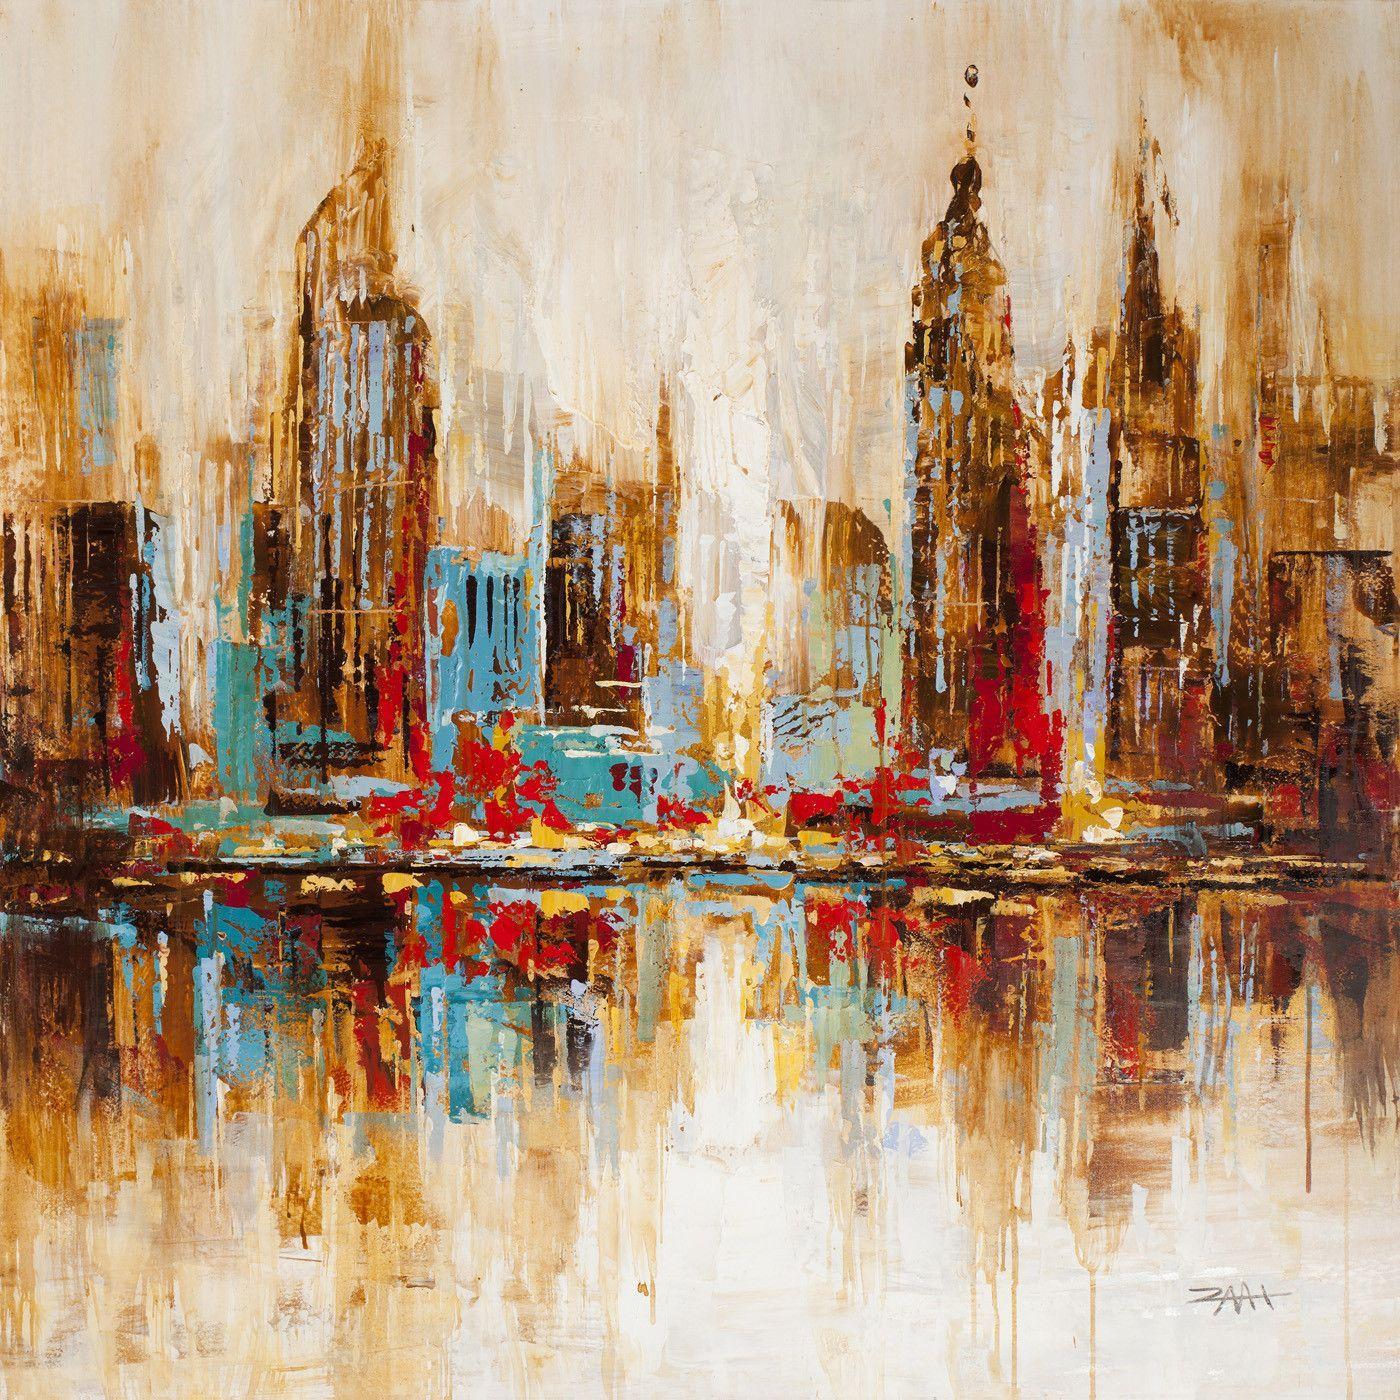 City Shadows Wall Décor Acrylic Painting Canvas